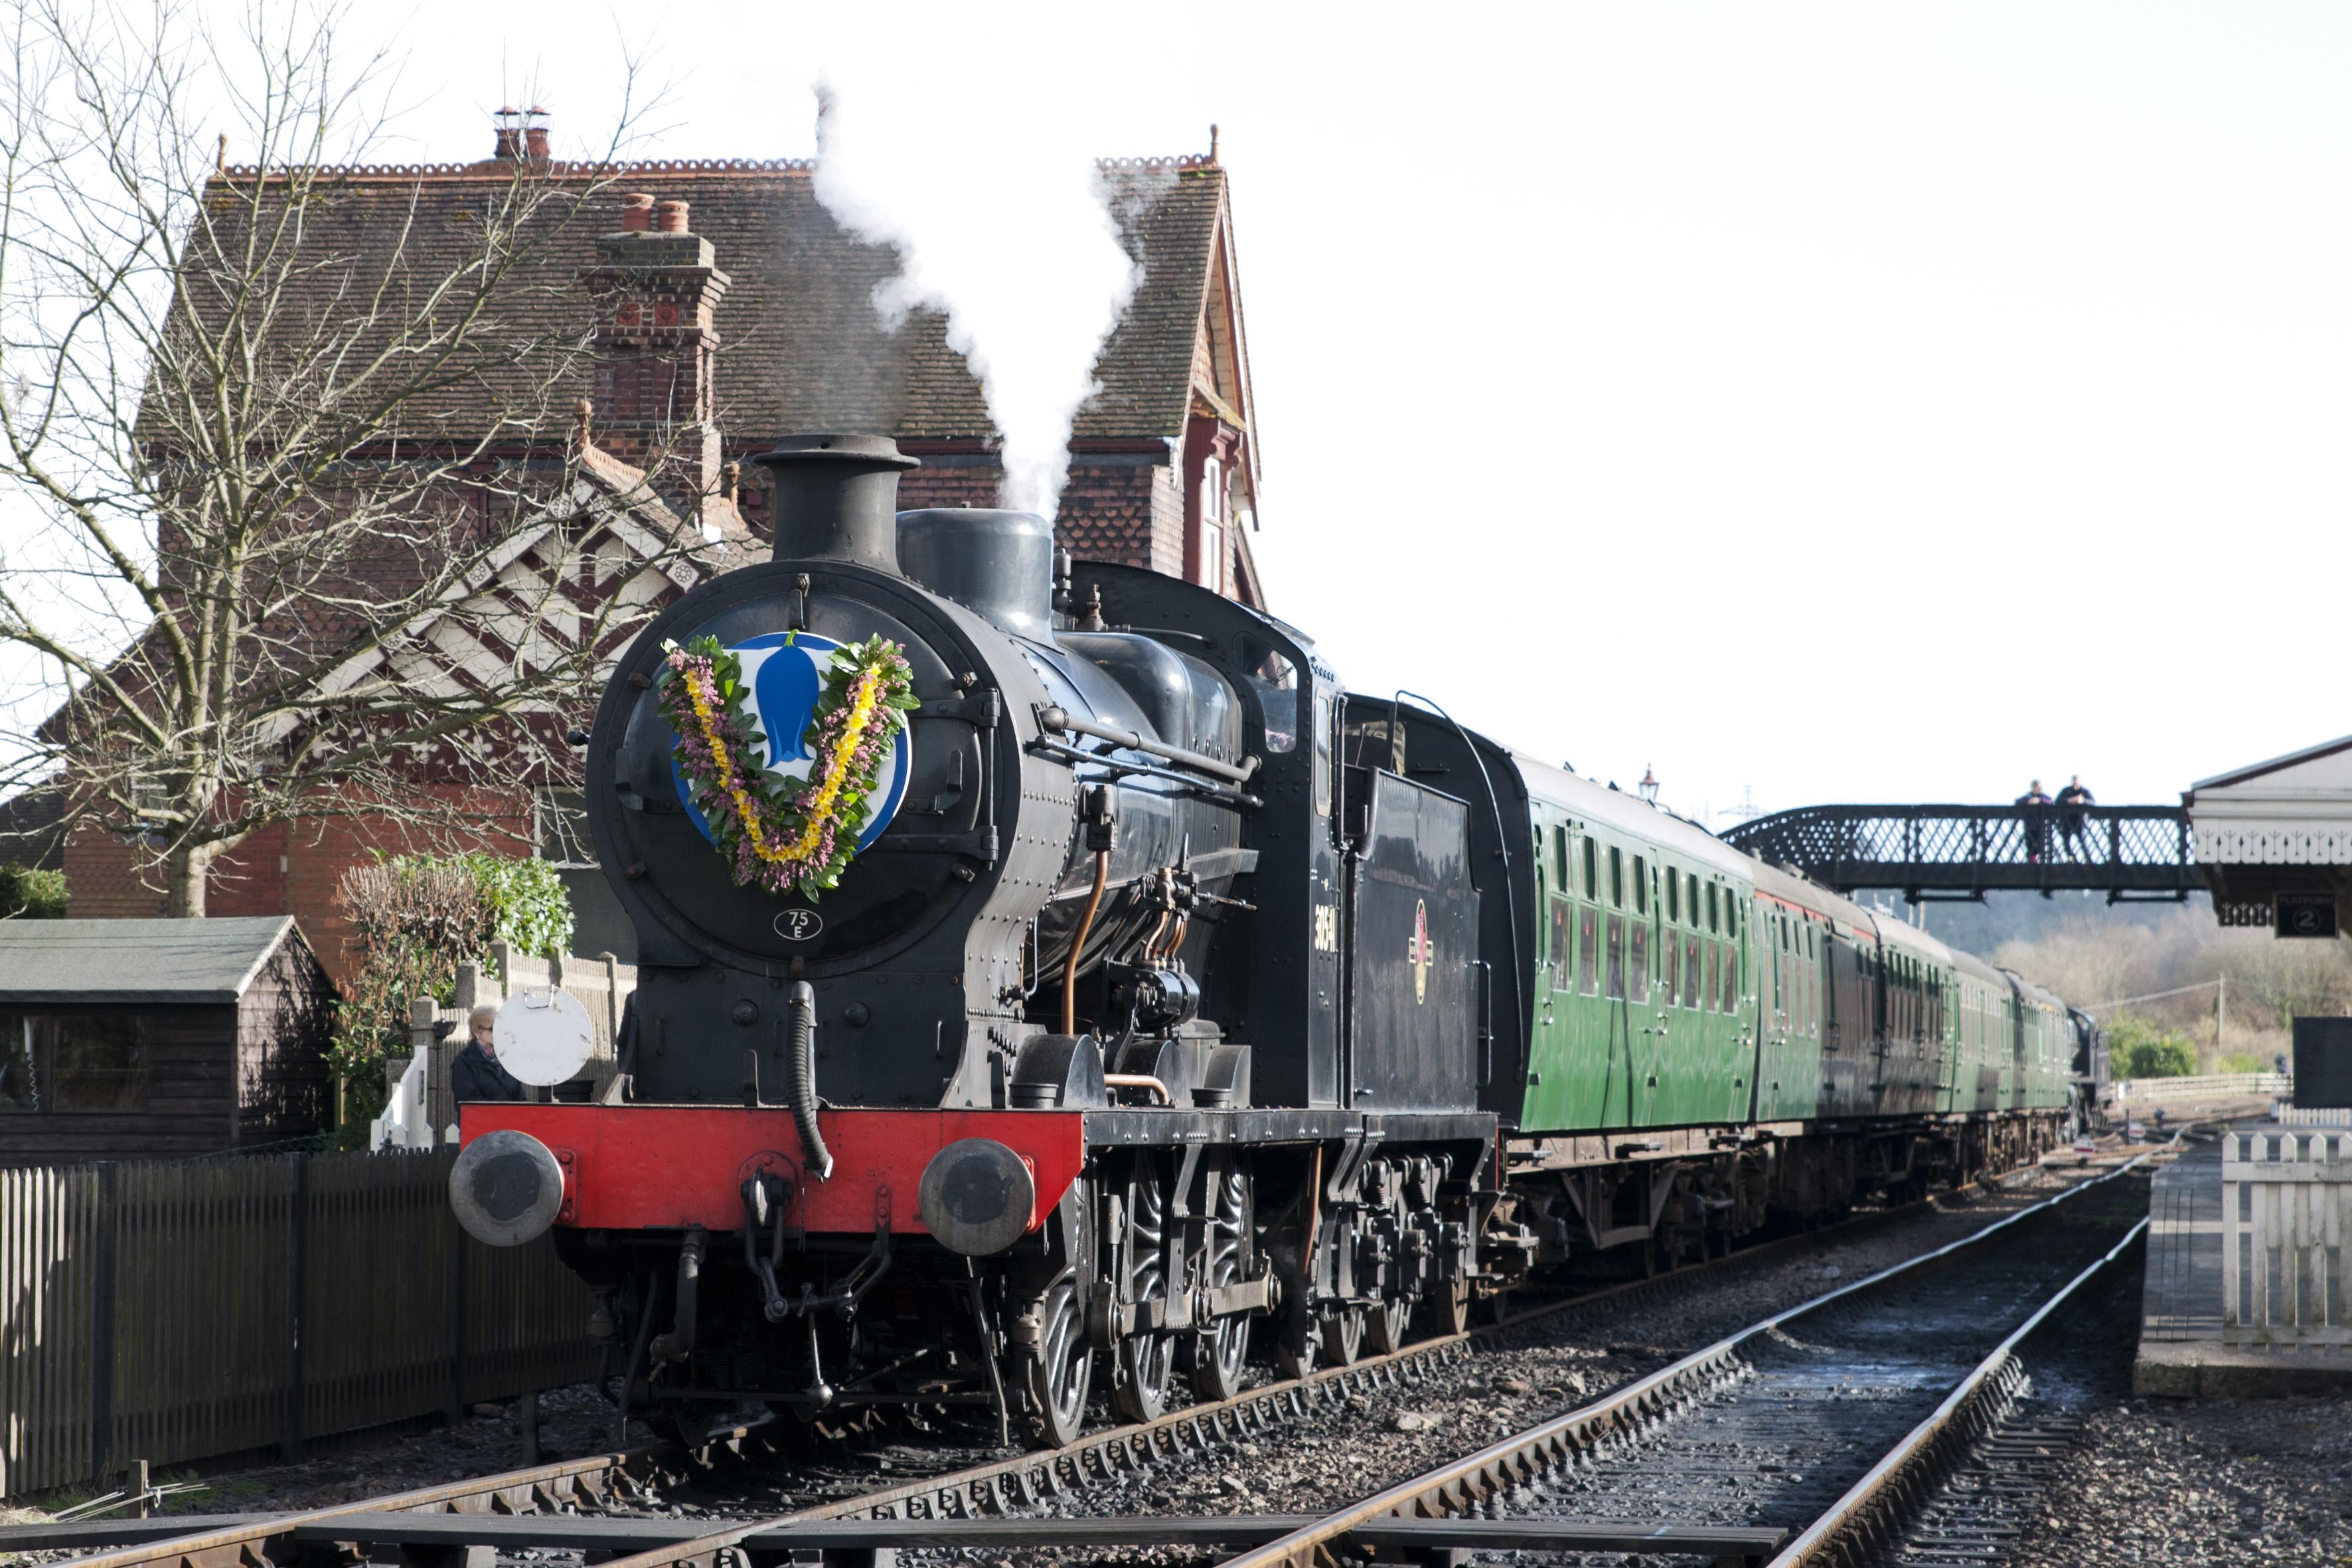 Job vaccancies at Bluebell Railway